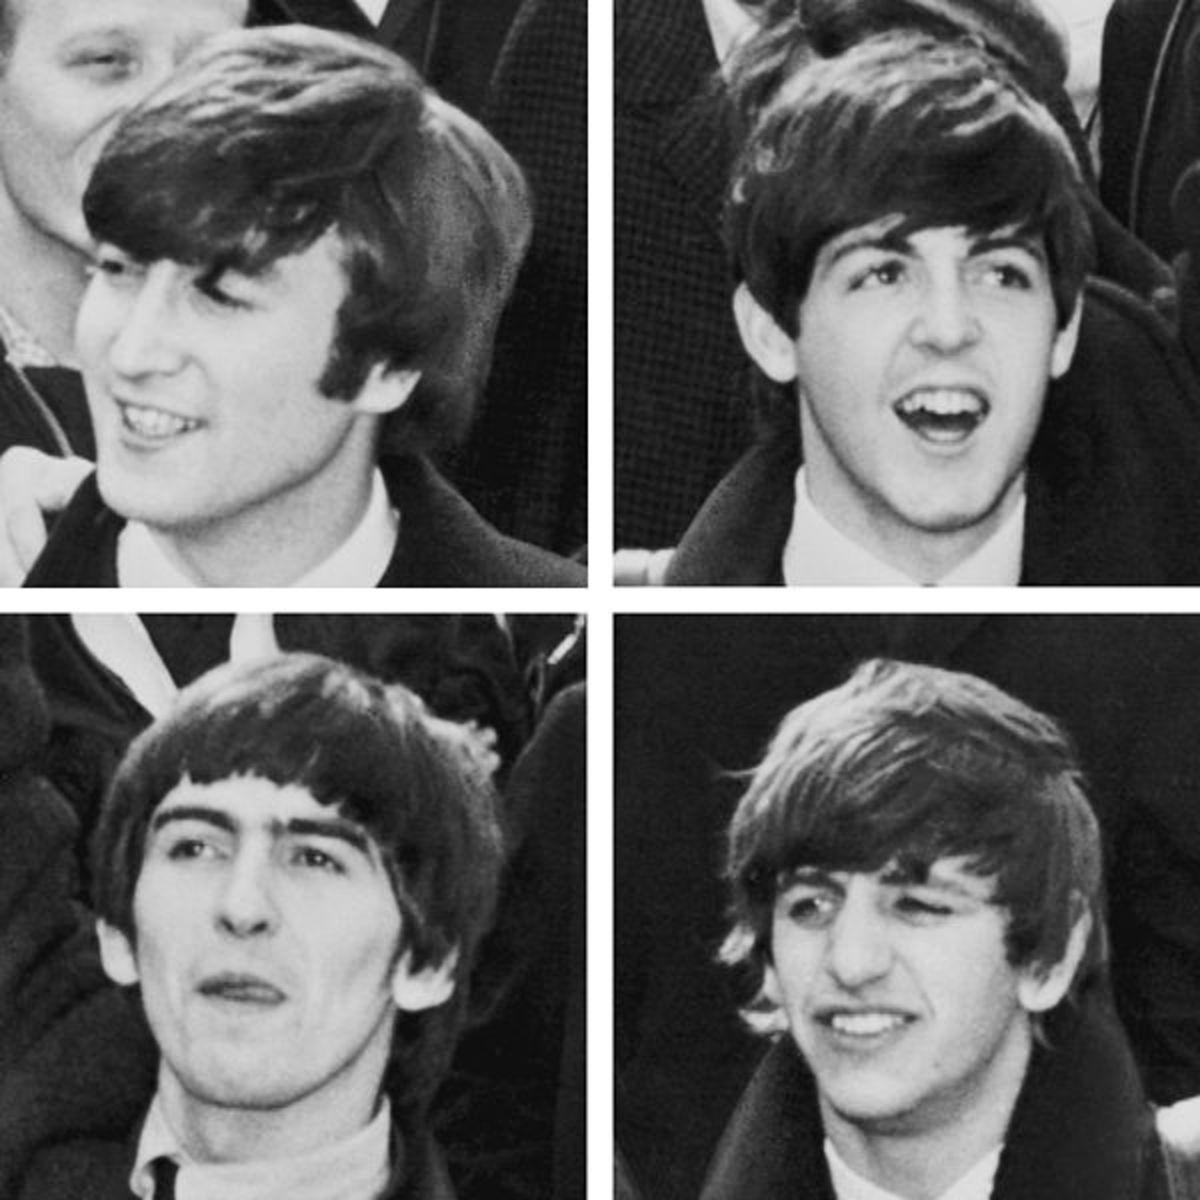 The Beatles in 1964 Top: Lennon, McCartney Bottom: Harrison, Starr